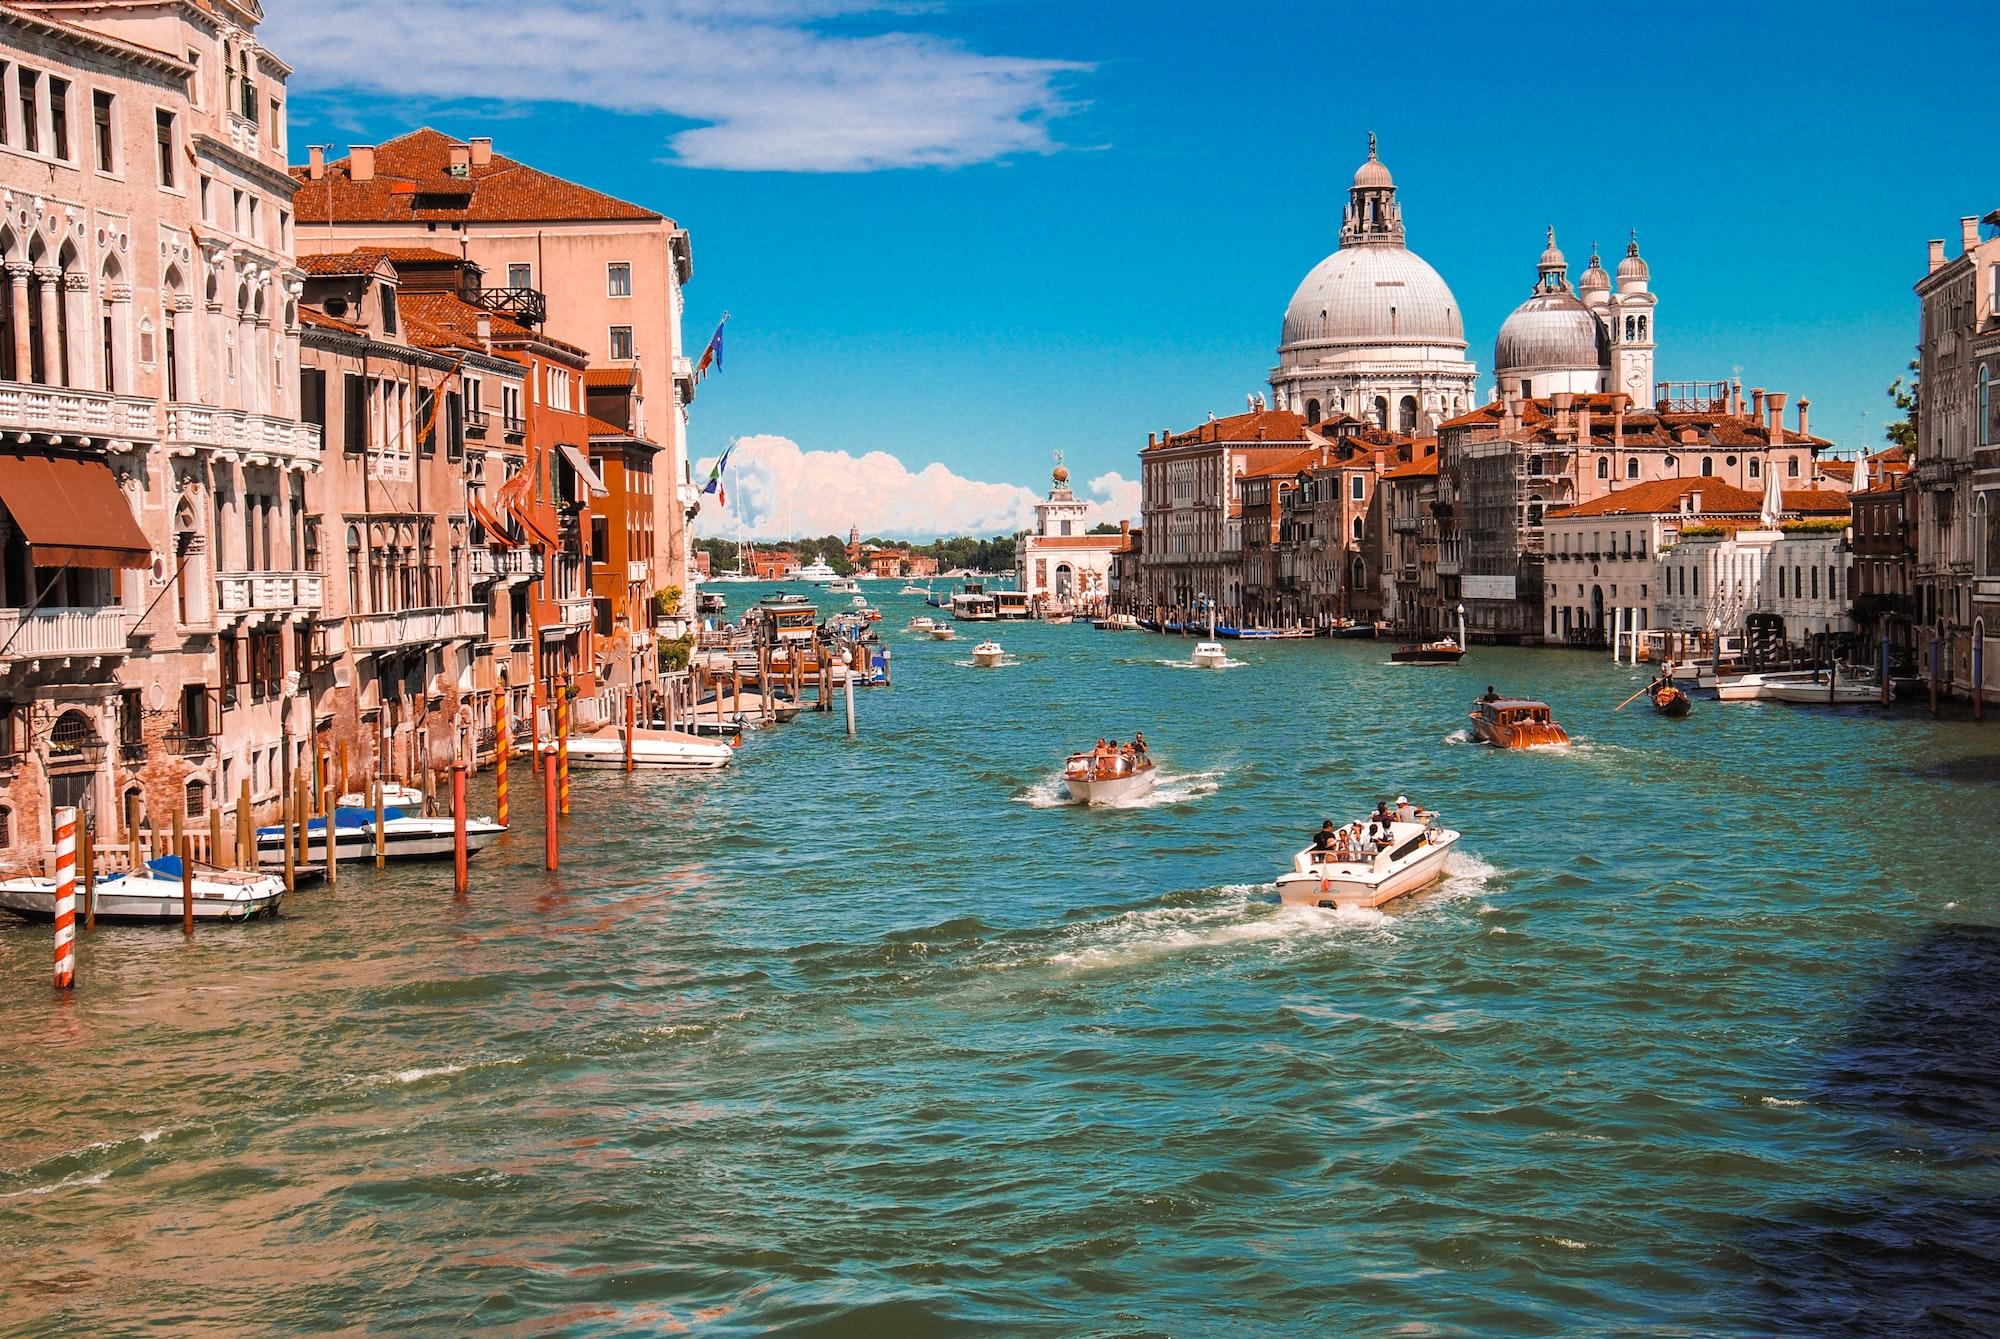 Venice, Italy travel with HomeExchange